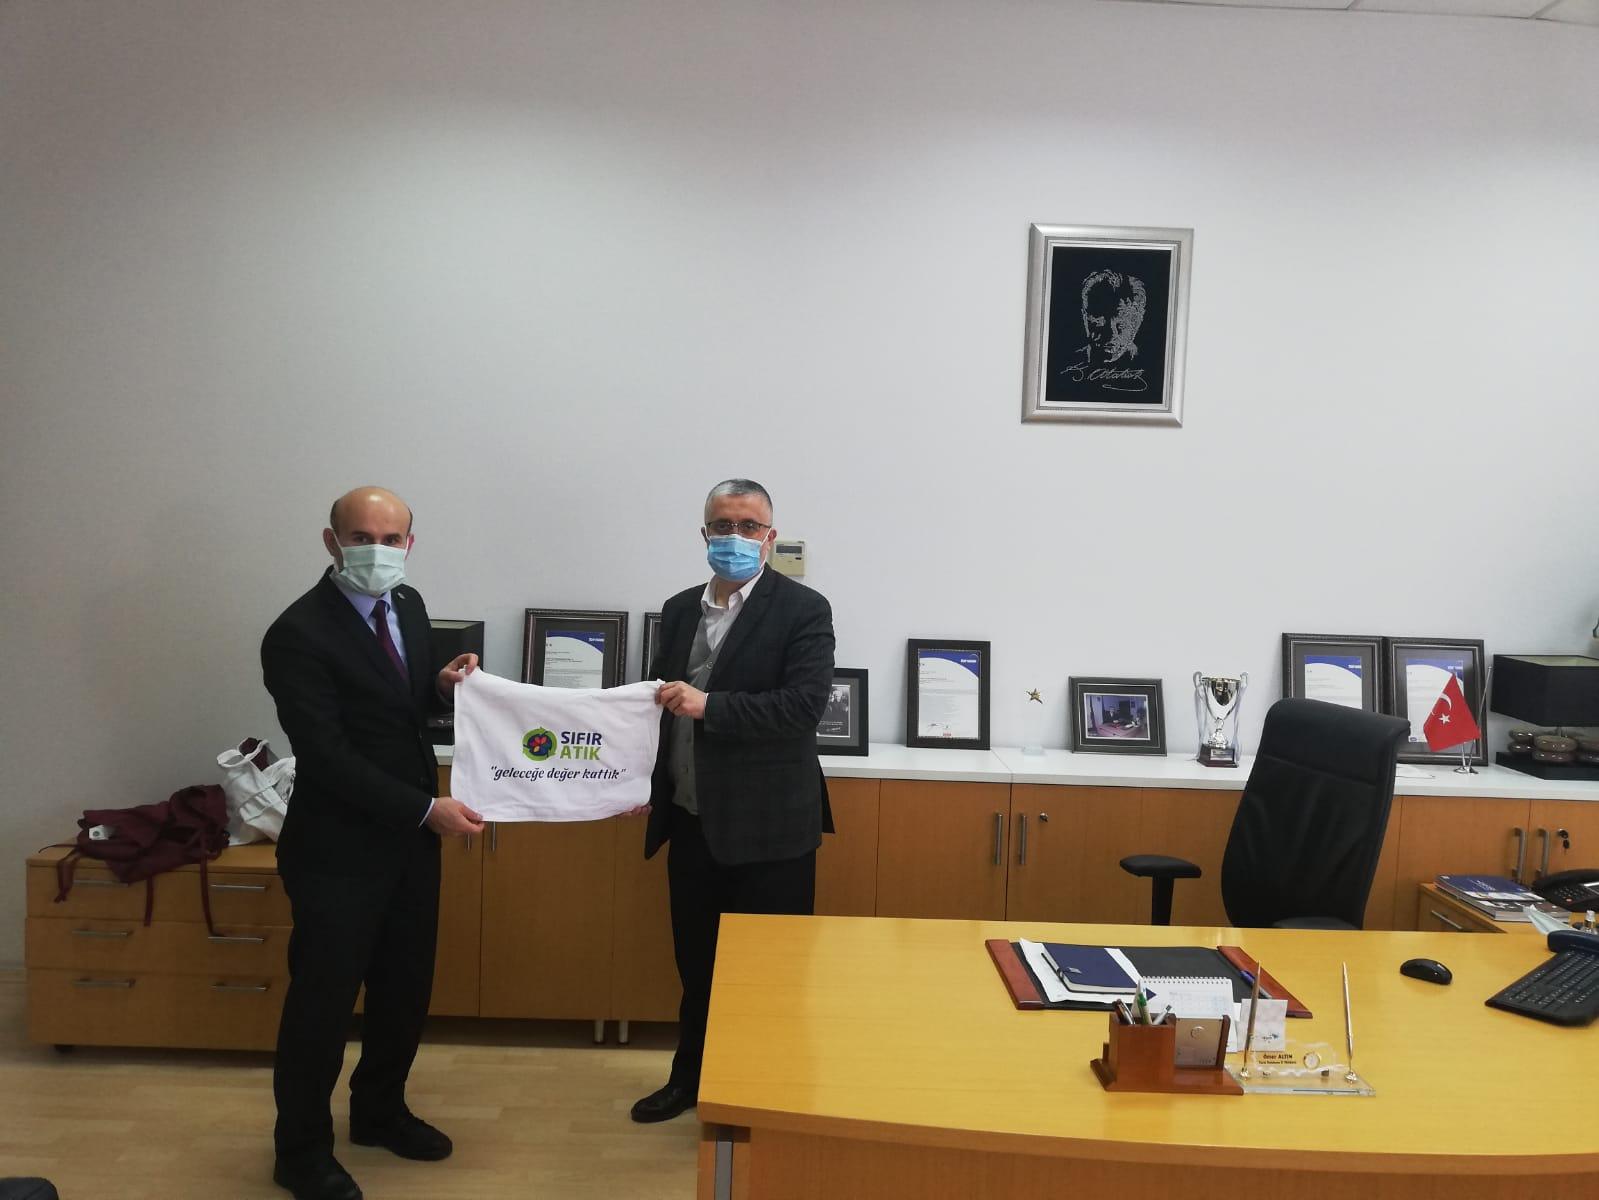 İl Müdürümüz Sayın Engin ÖZTÜRK Türk Telekom Edirne İl Müdürü Sayın Ömer ALTIN'ı Ziyaret Etti